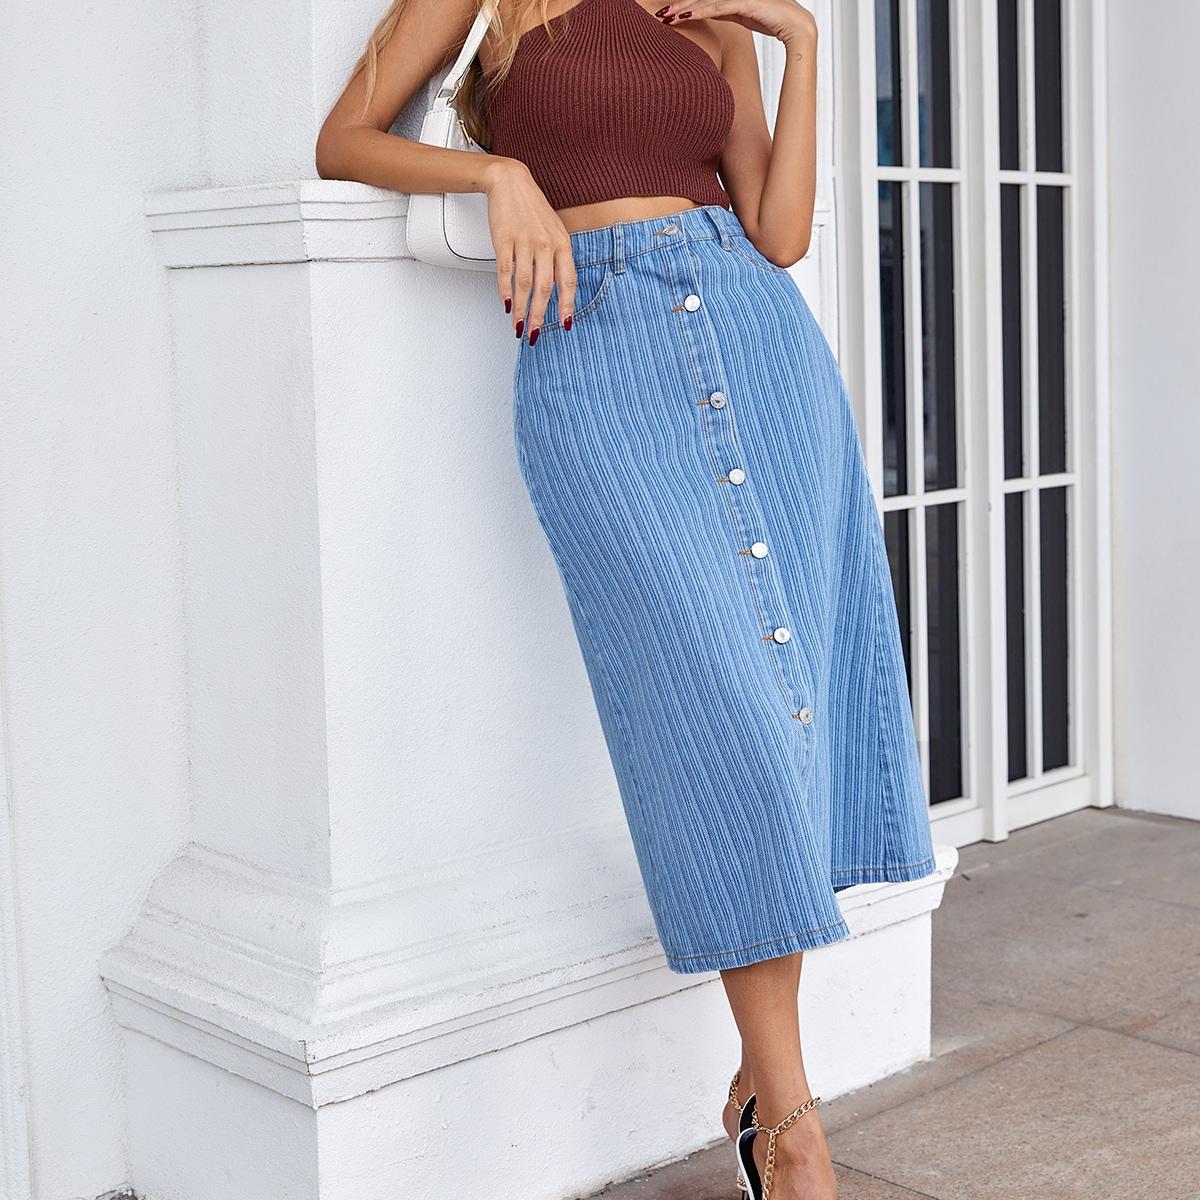 Джинсовая юбка с молнией SheIn sW210508503261201